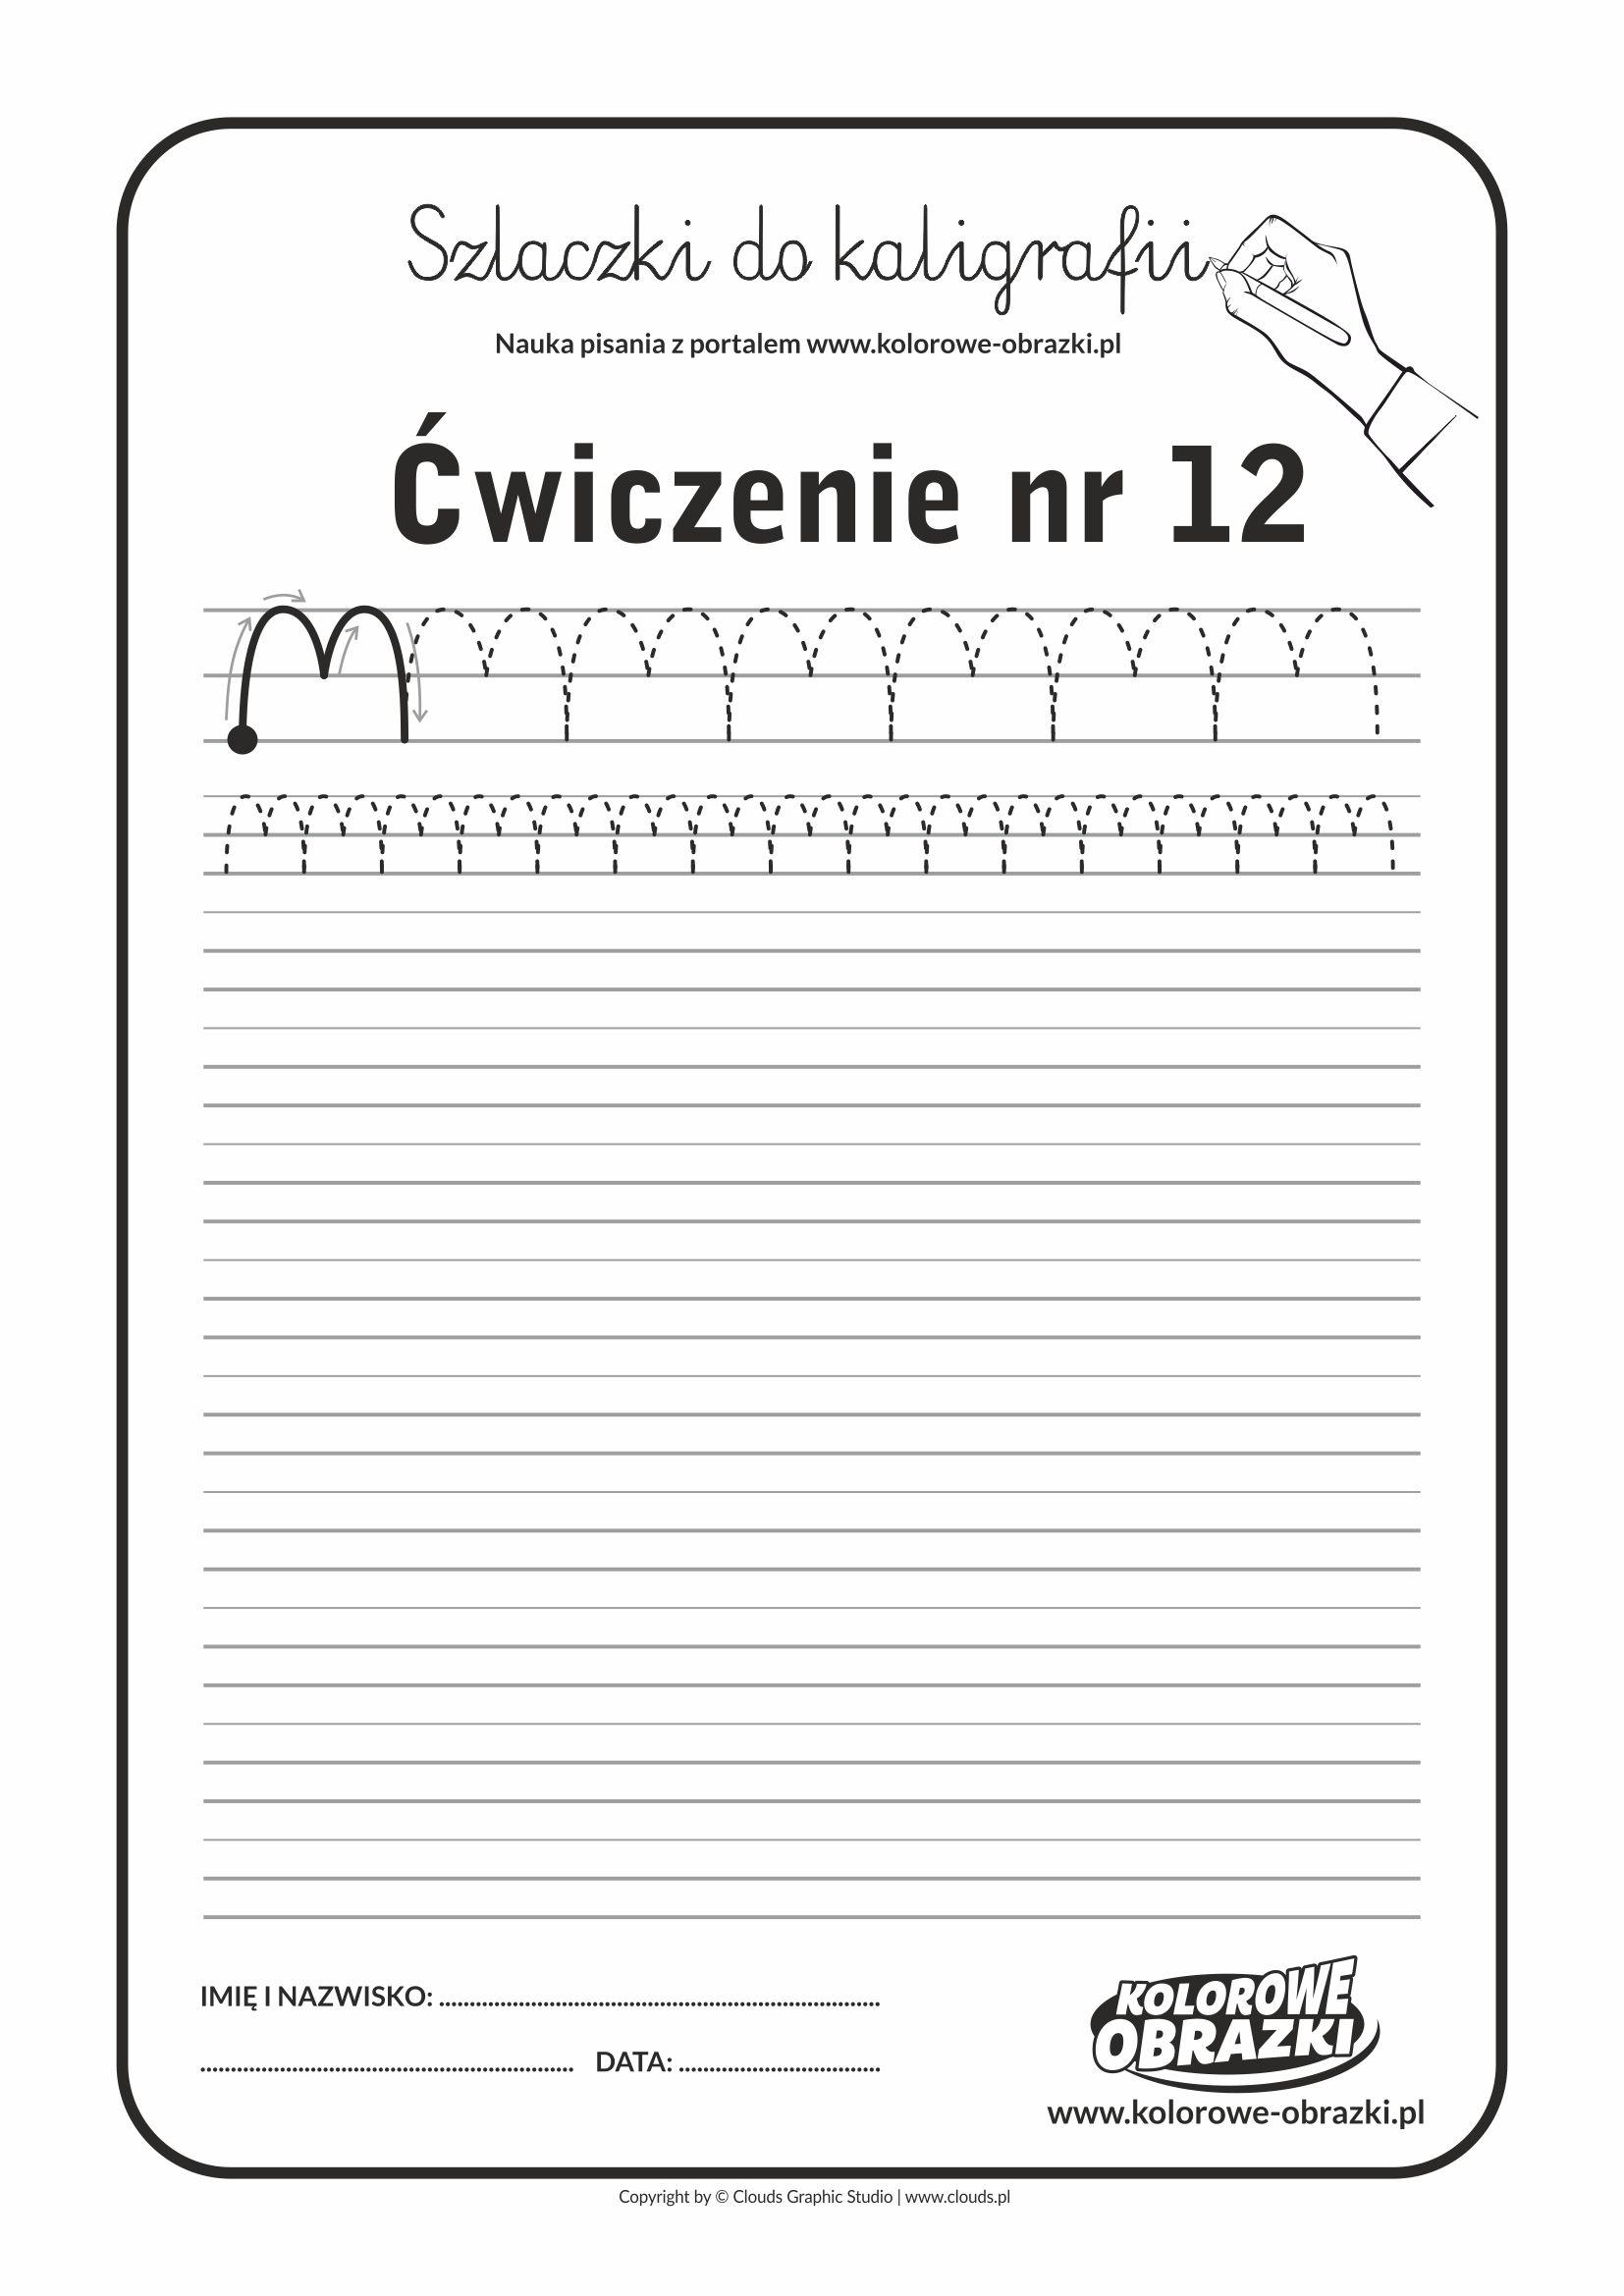 Kaligrafia dla dzieci - Ćwiczenia kaligraficzne / Szlaczki / Ćwiczenie nr 12